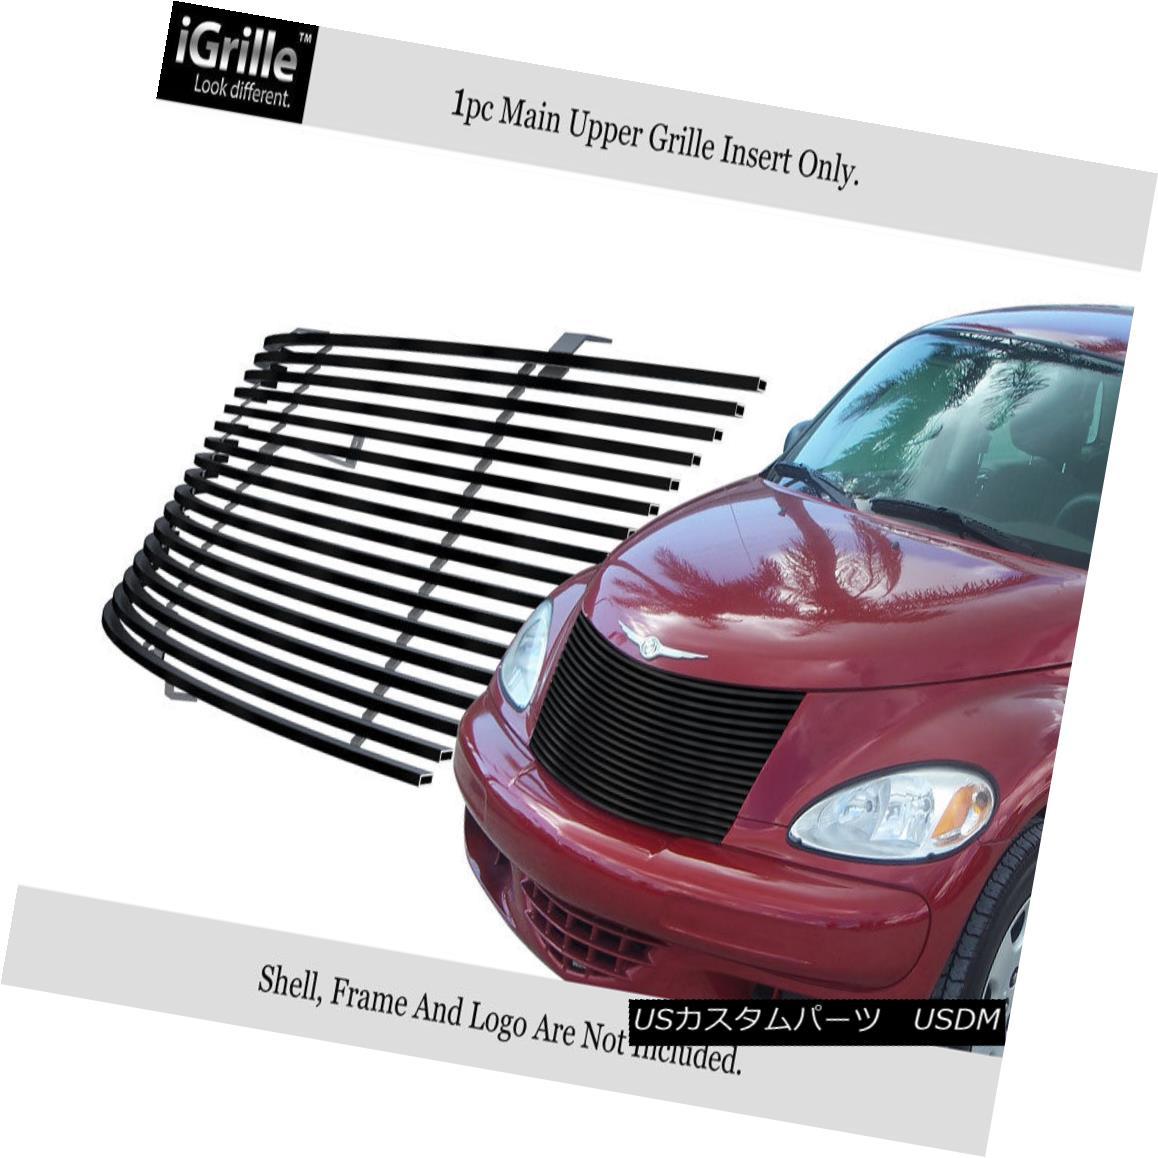 グリル Fits 2000-2005 Chrysler PT Cruiser Black Stainless Steel Billet Grille Insert 2000-2005年に適合するクライスラーPTクルーザーブラックステンレススチールビレットグリルインサート